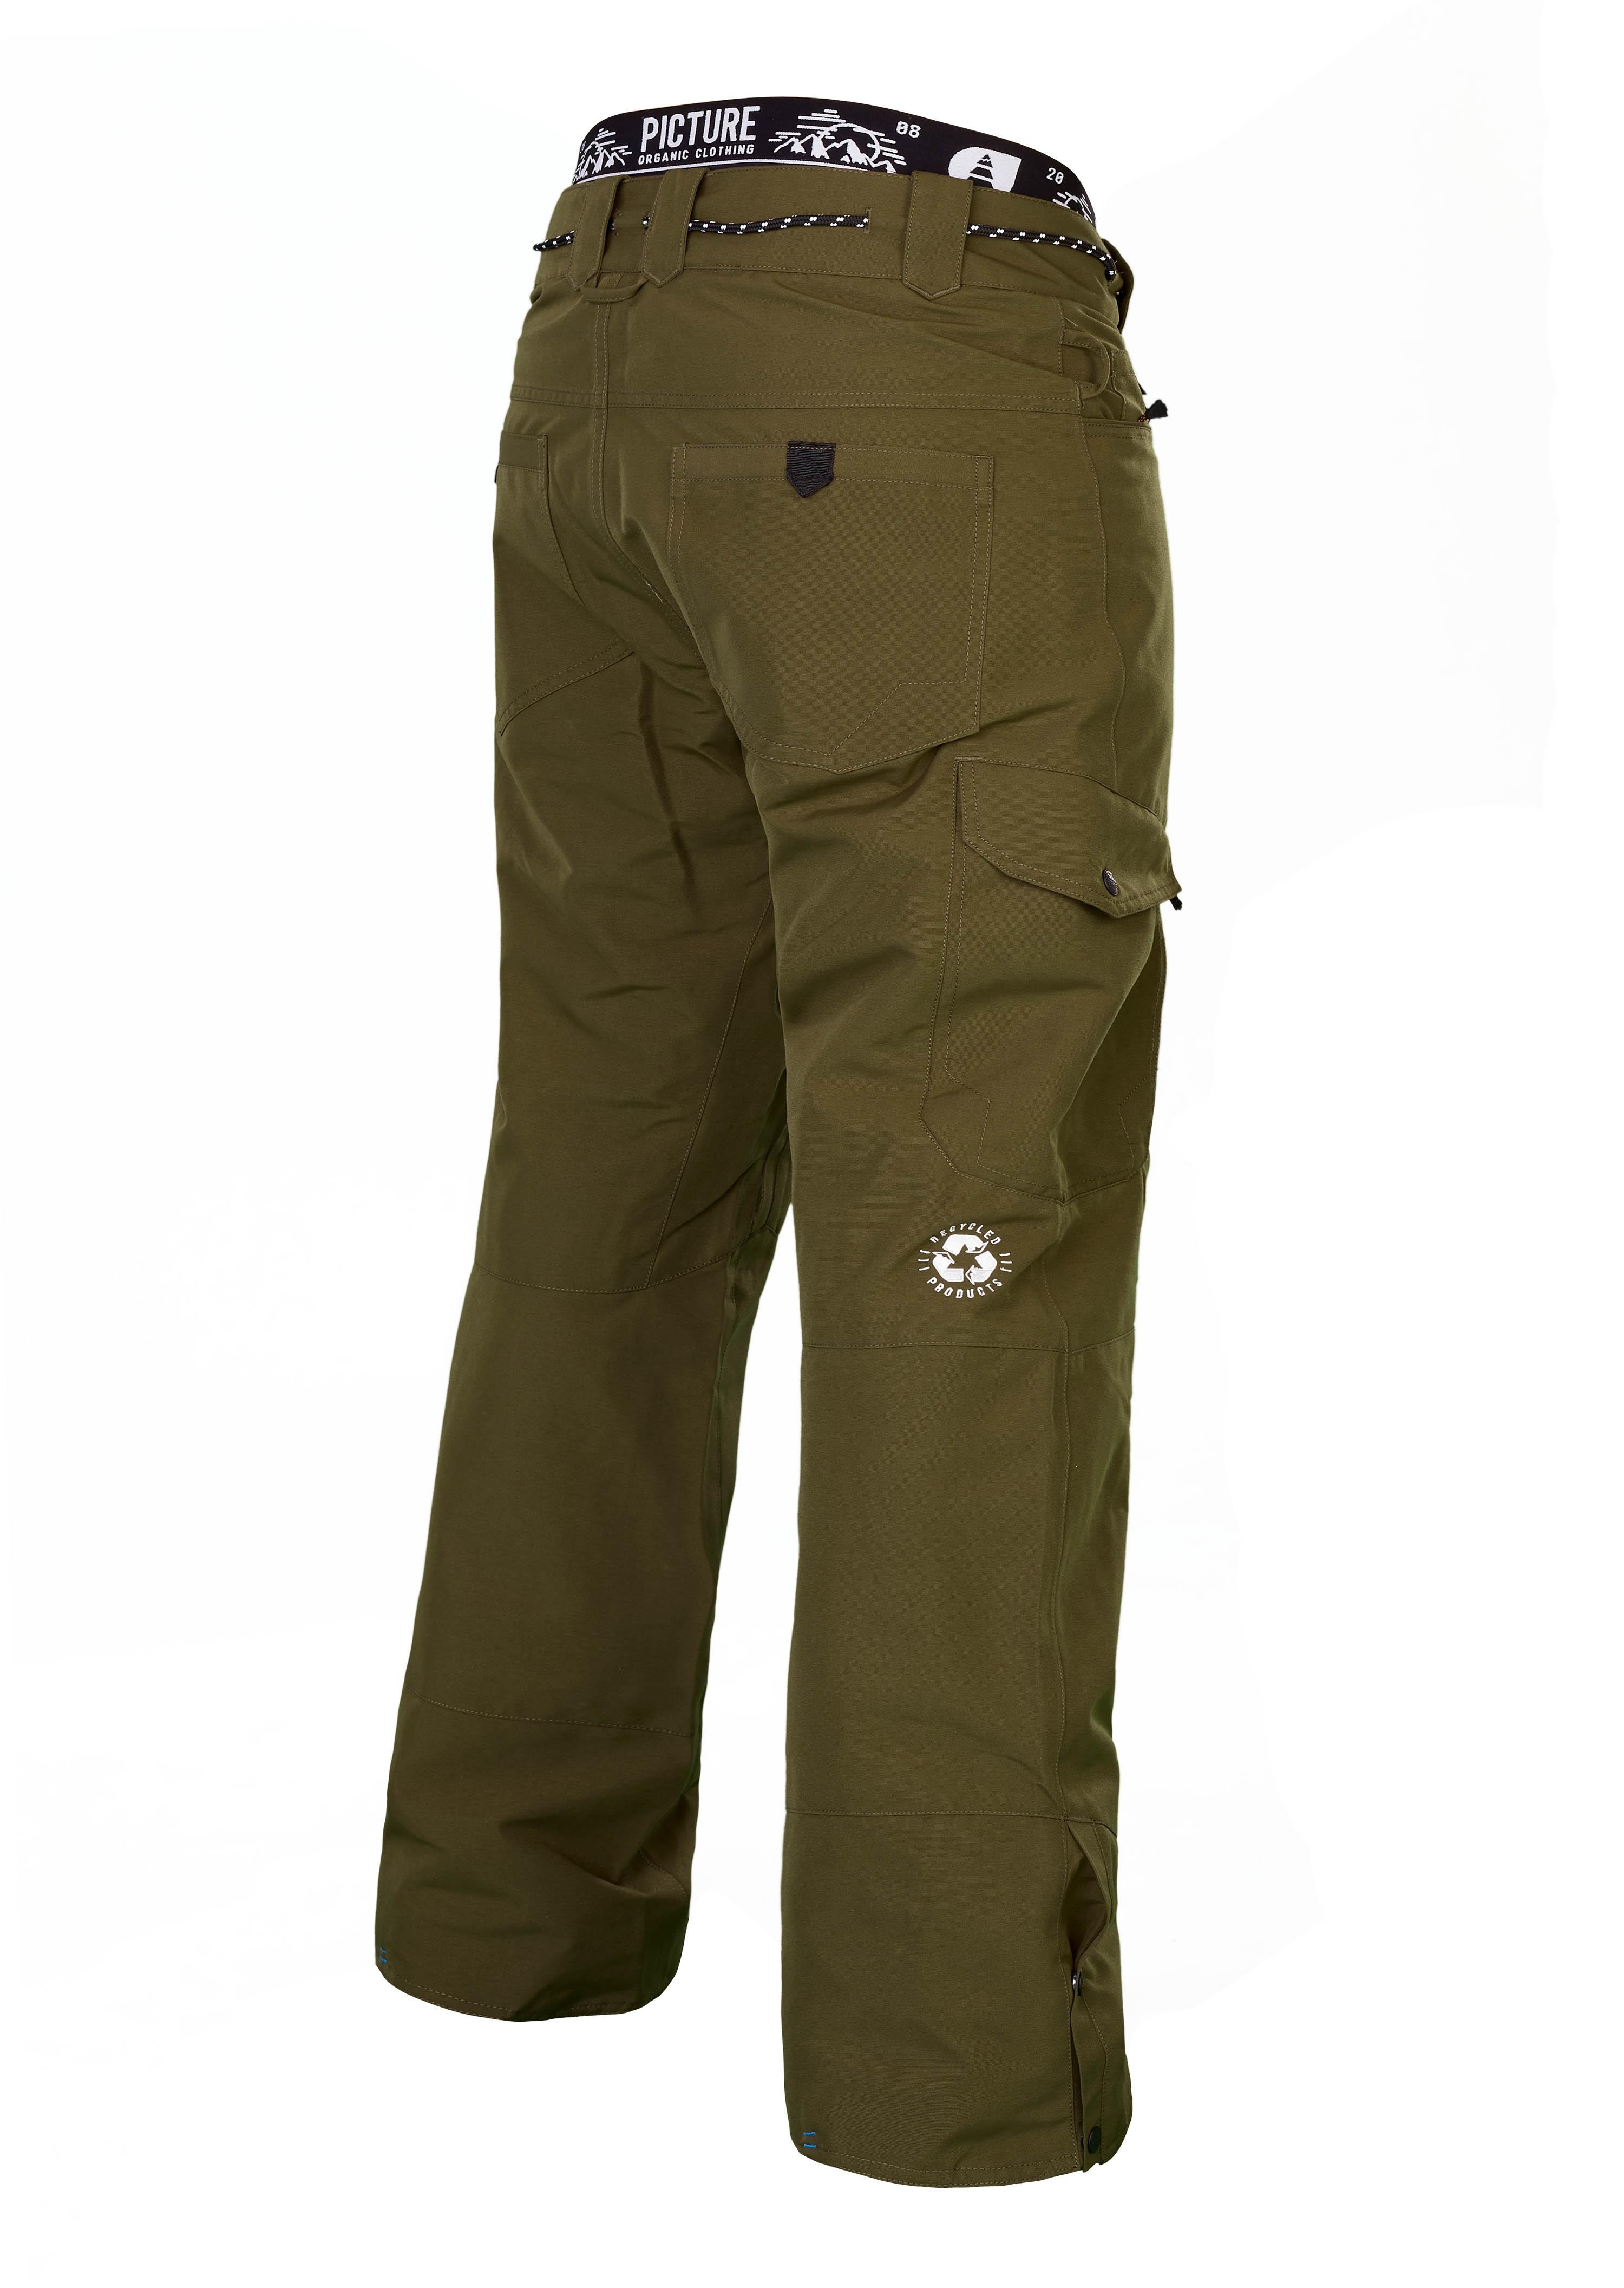 Pantalon De Ski Pant Picture Kaki Under Organic PkZOTuXiw